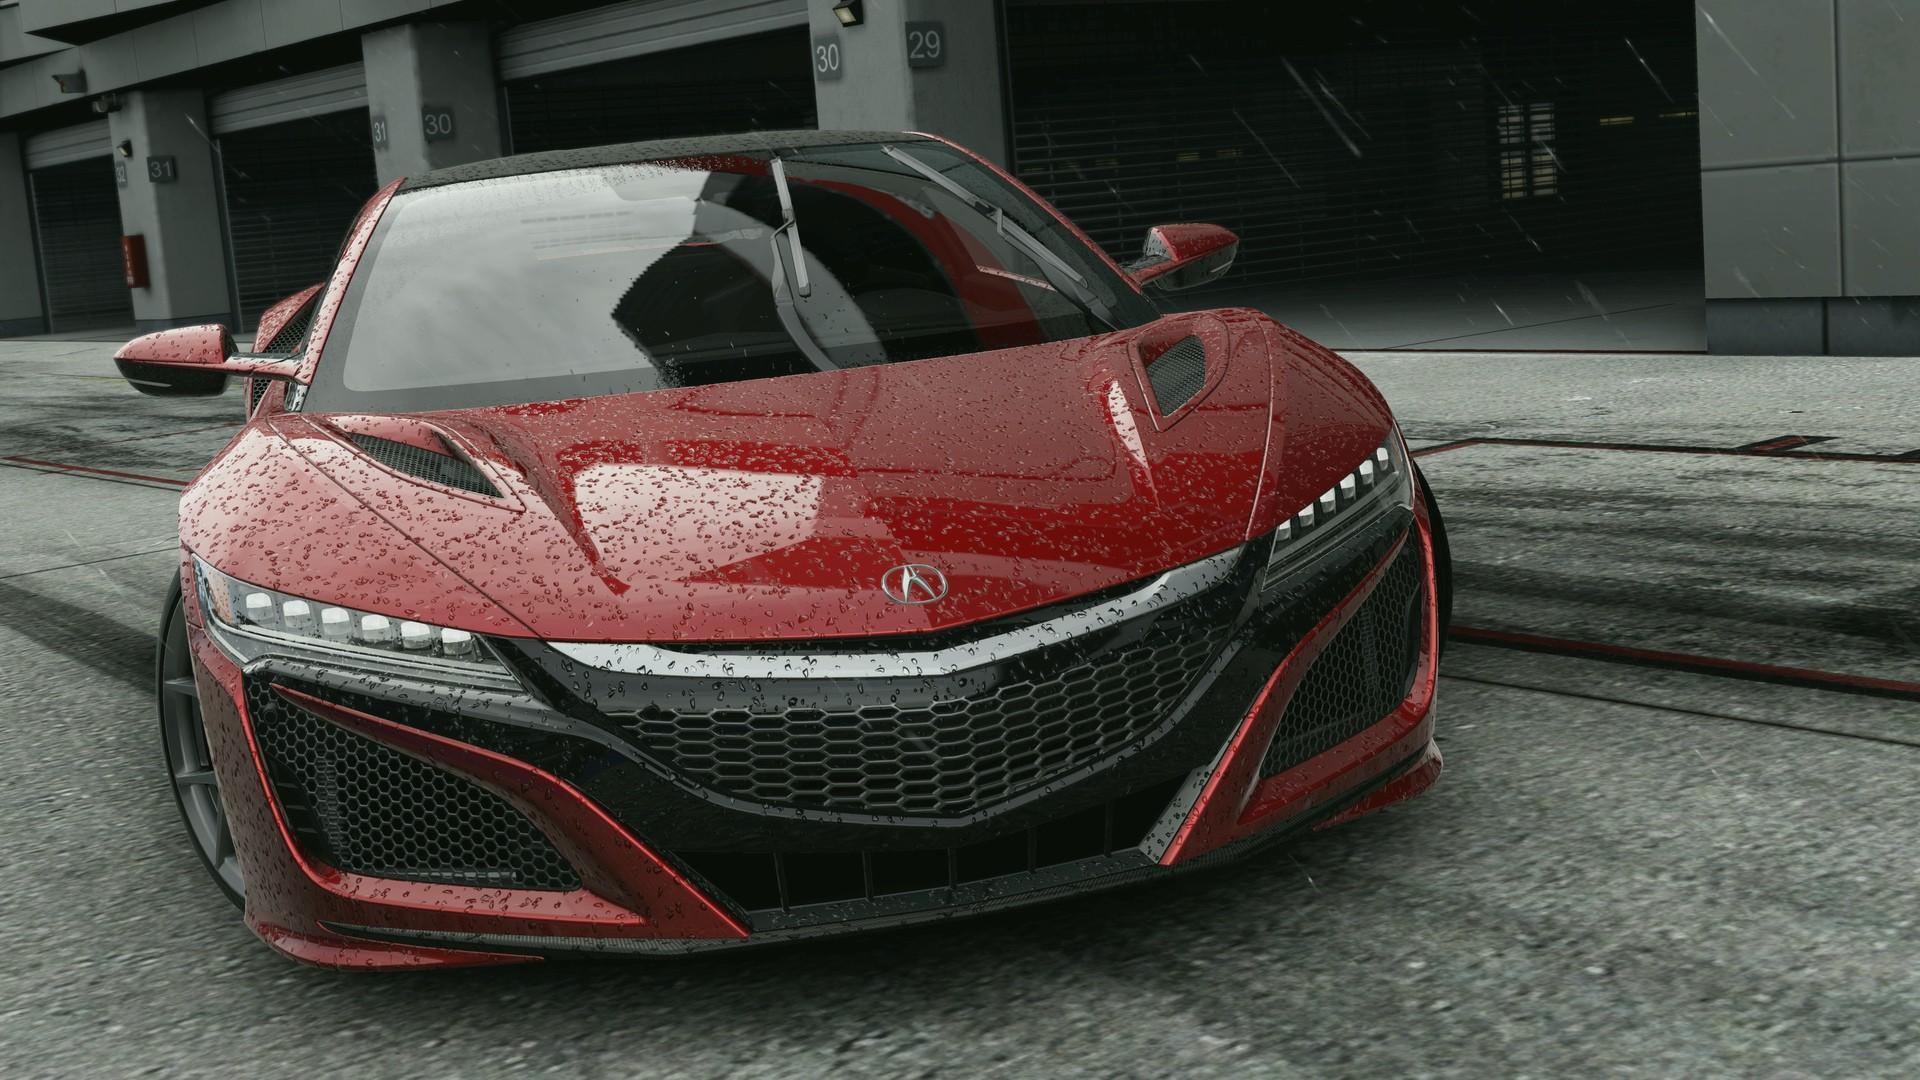 Есть возможность приобрести бесплатную демо версию игры Project Cars 2